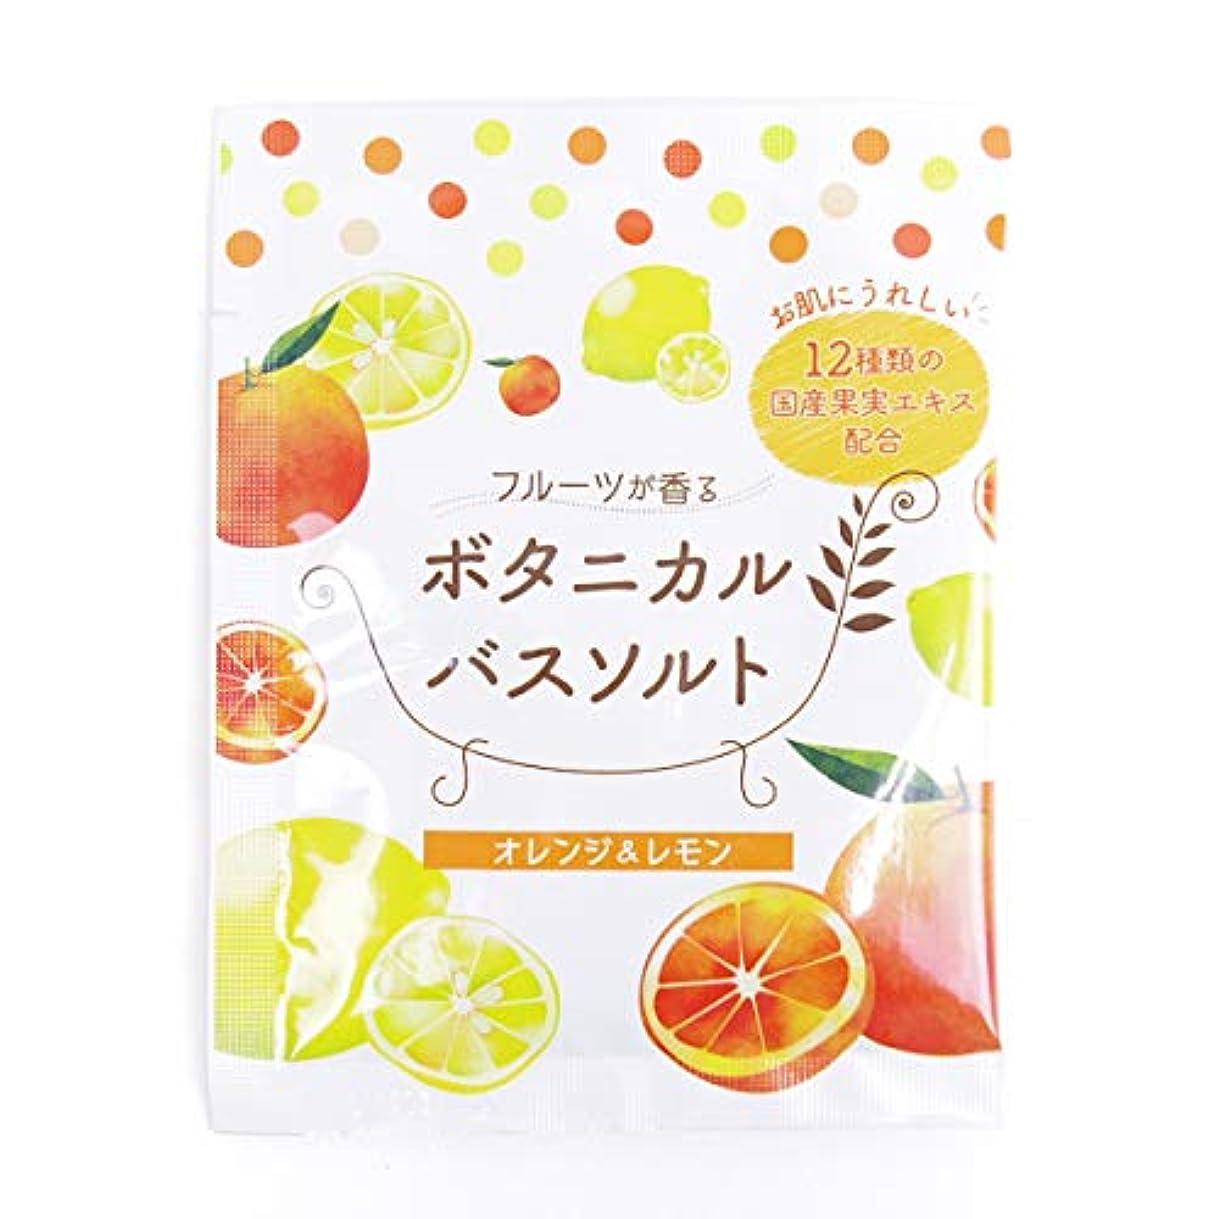 パークサロン狂人松田医薬品 フルーツが香るボタニカルバスソルト オレンジ&レモン 30g